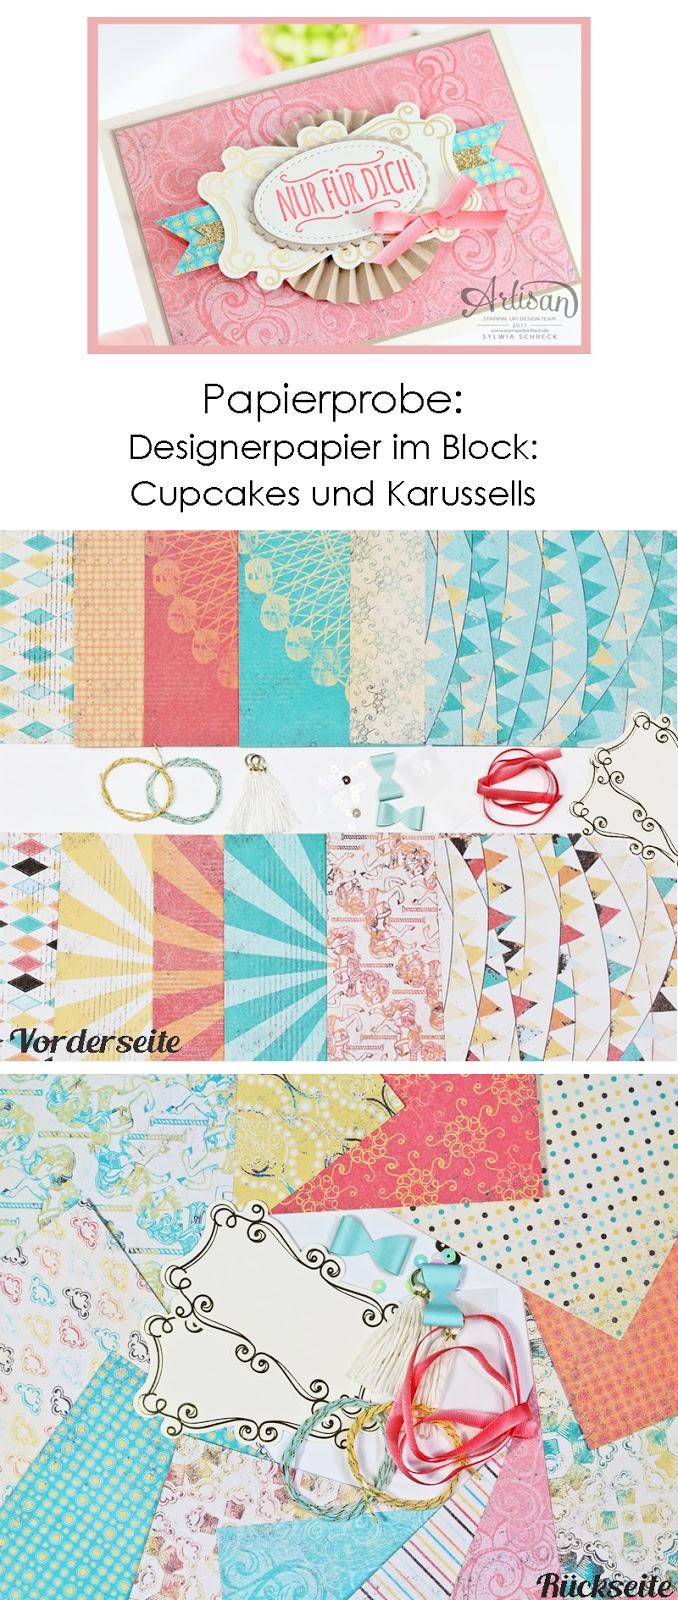 Papier Probe Cupcakes und Karussells von Stampin Up